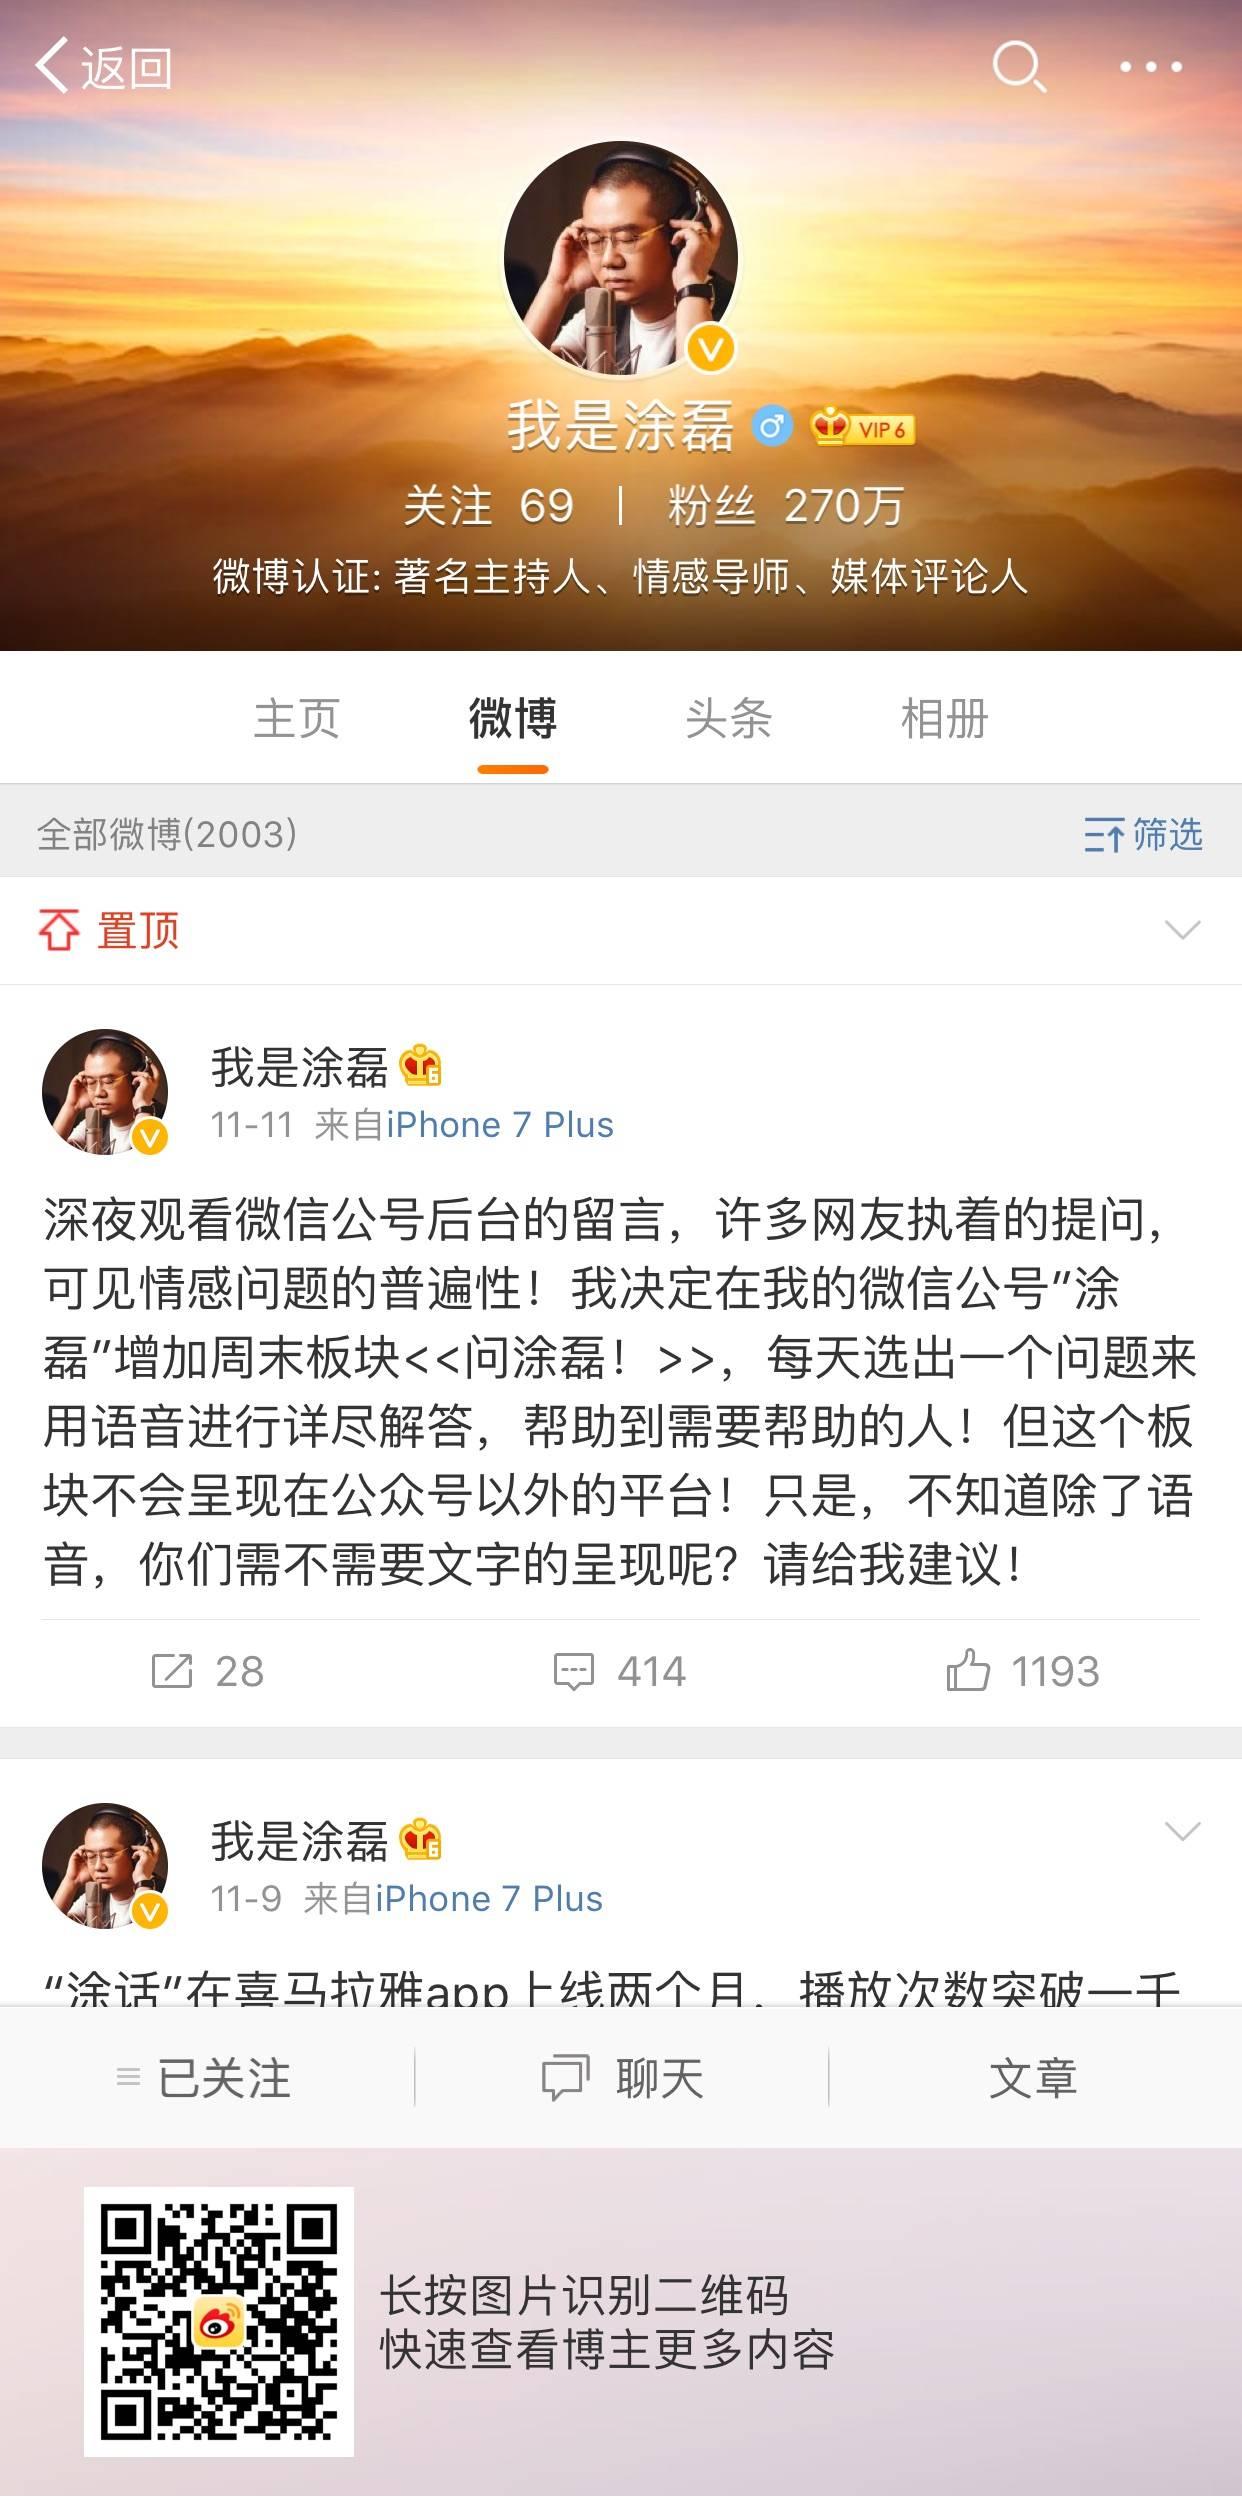 【商演活动】活动策划 | 著名主持人、中国首席情感导师 涂磊最新案例